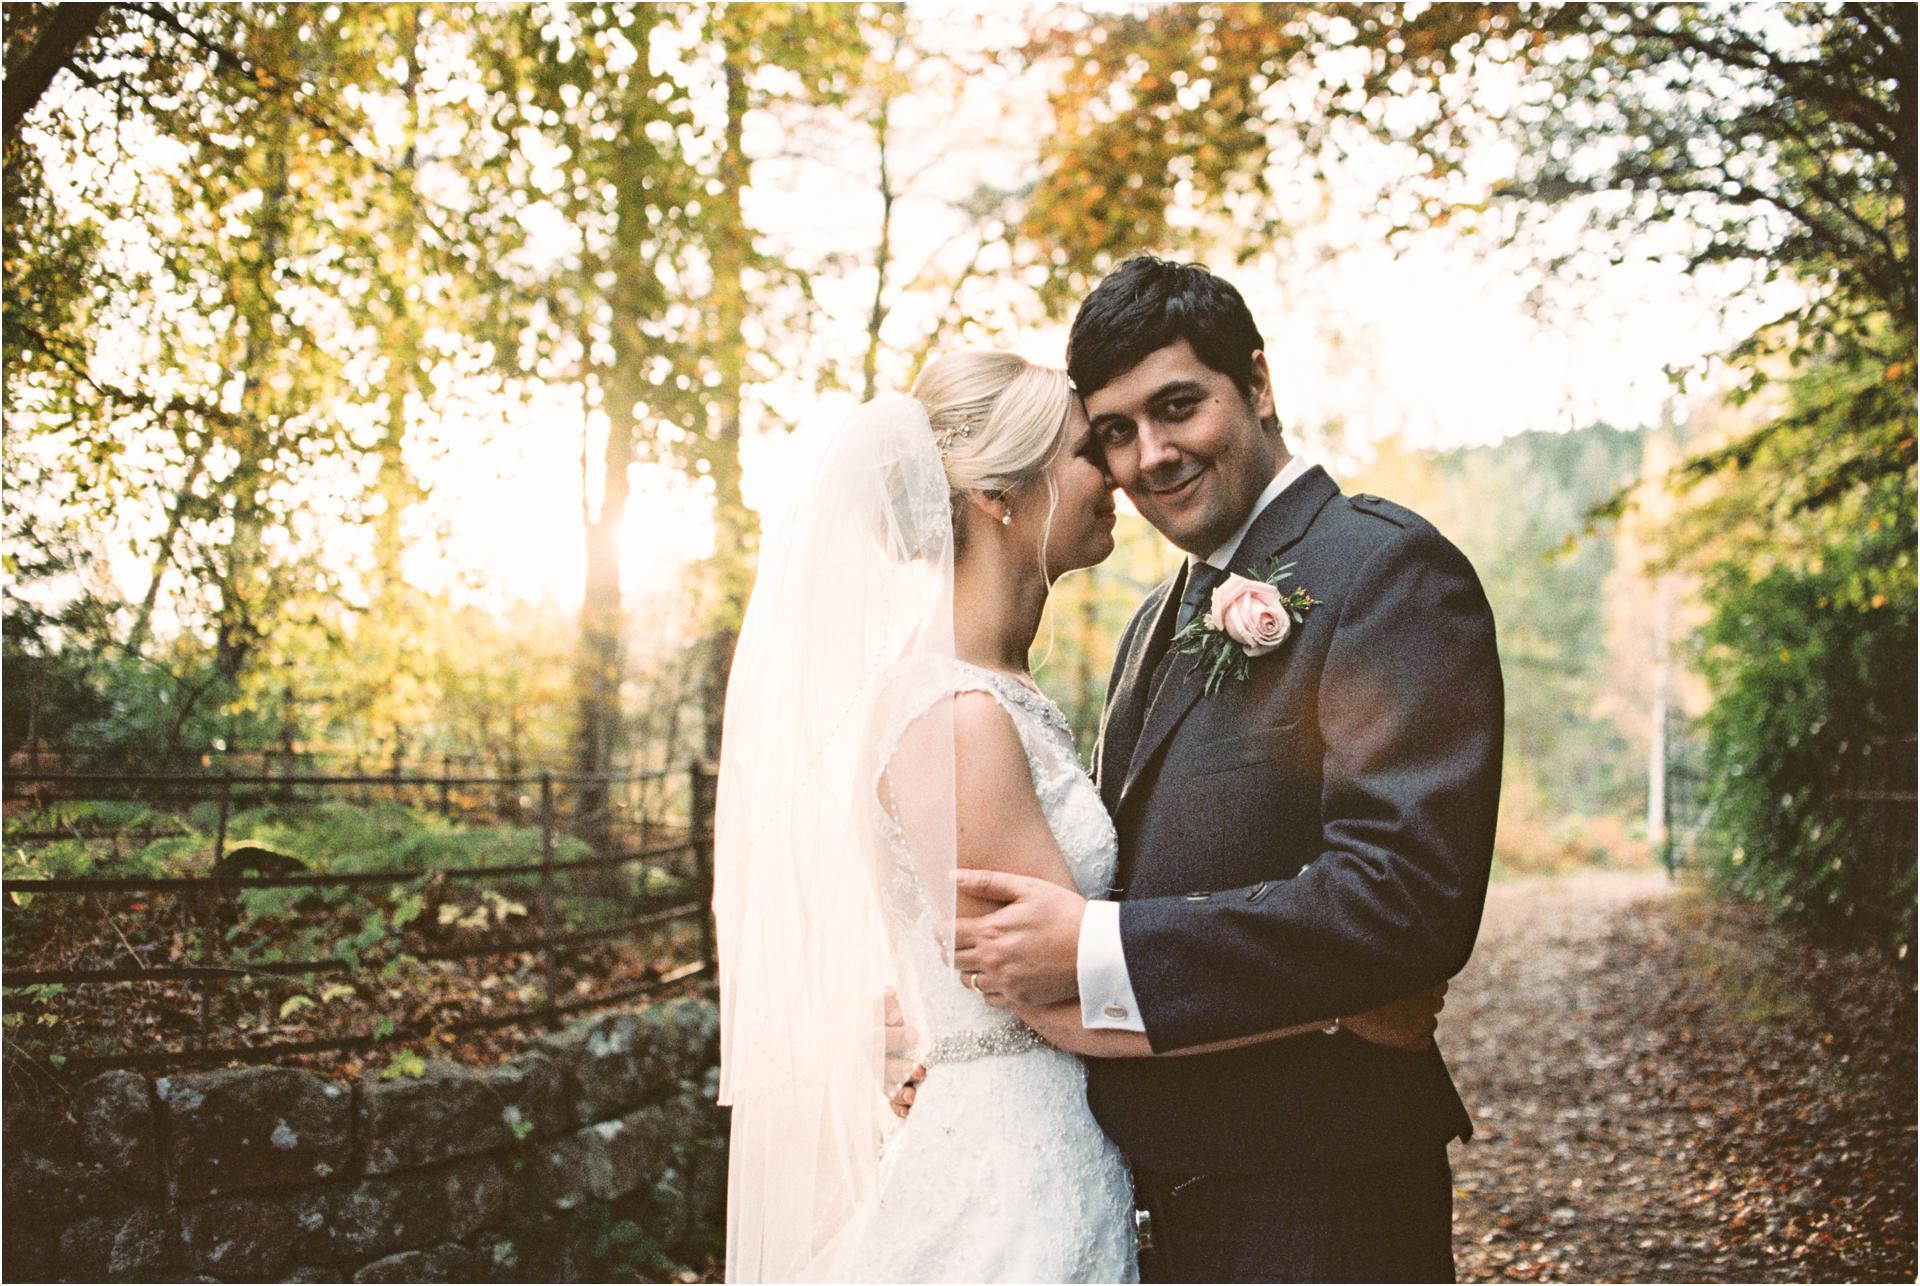 weddingsonfilmphotosbyzoe47